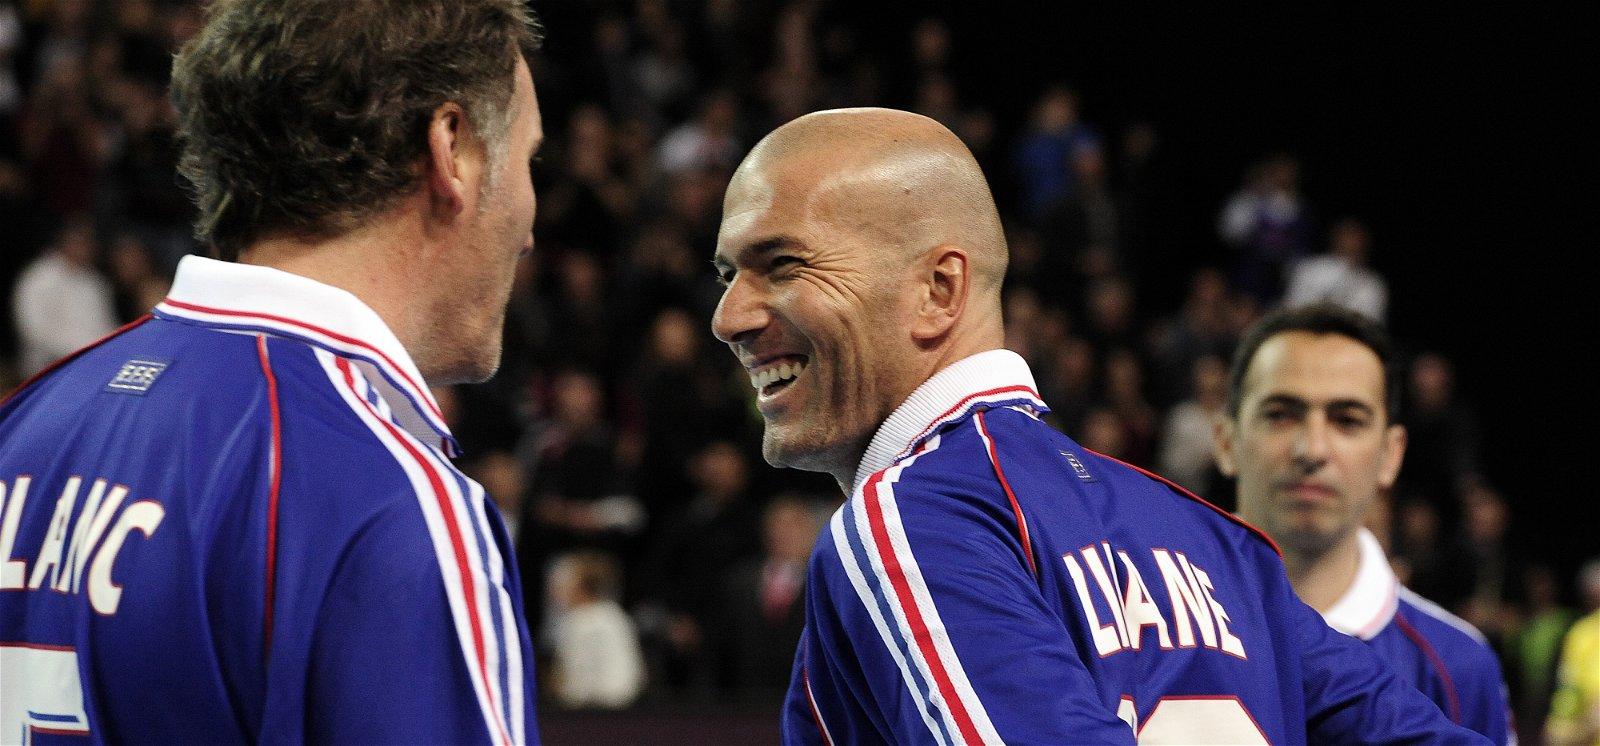 Zidane megint elővette azokat a bizonyos cseleket – videó